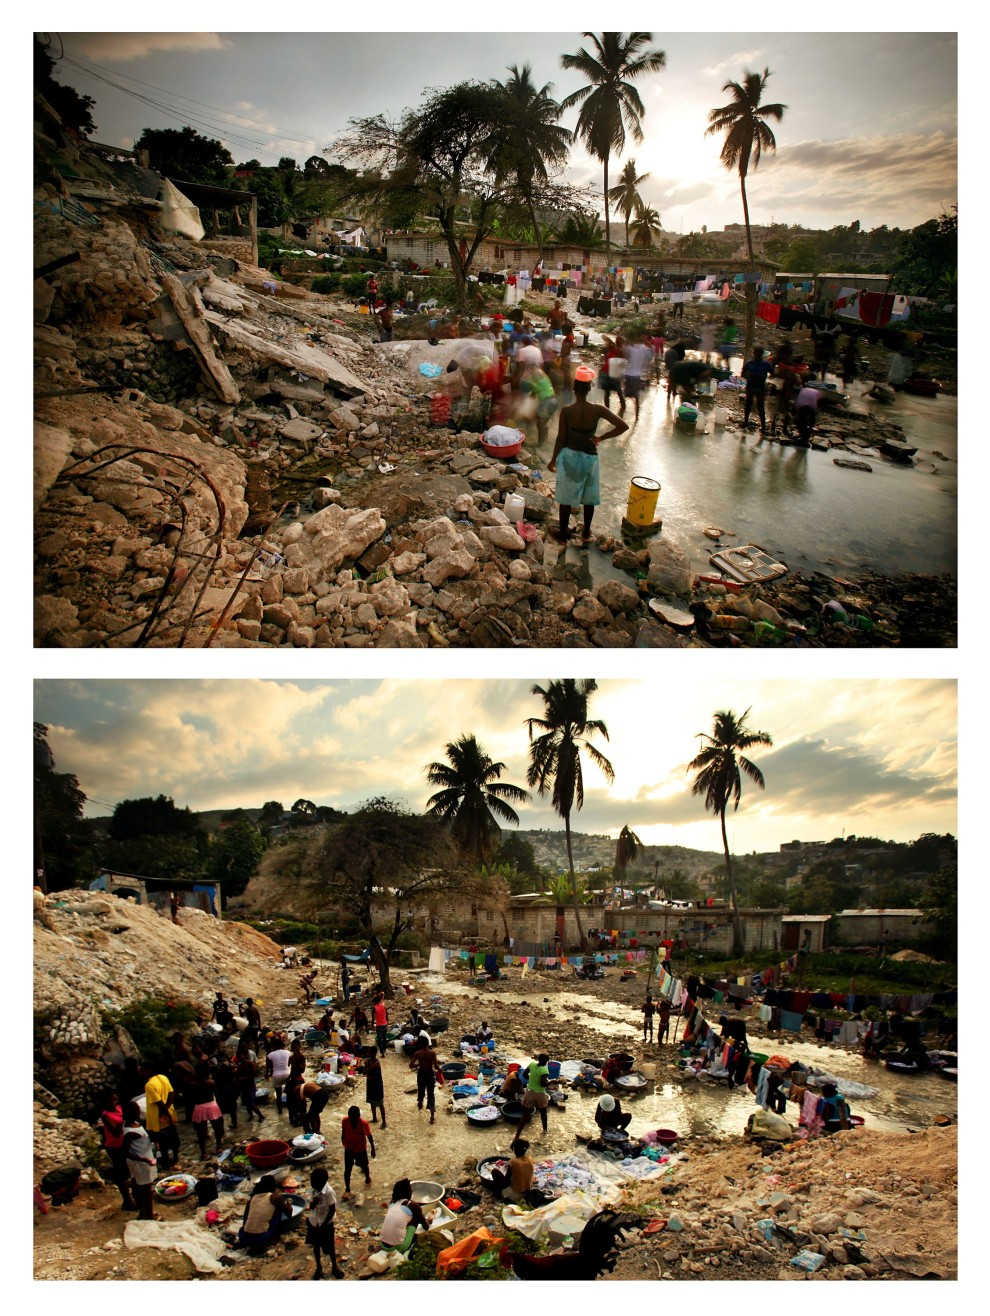 14. i 15.  HAITI, Port-au-Prince, zdjęcie pierwsze z 9 lutego 2010: Mieszkańcy Port-au-Prince kąpią się w strumieniu.  Zdjęcie drugie z 12 stycznia 2011: To samo miejsce - : Mieszkańcy Port-au-Prince kąpią się i robią pranie w strumieniu. (Foto: Mario Tama/Getty Images)